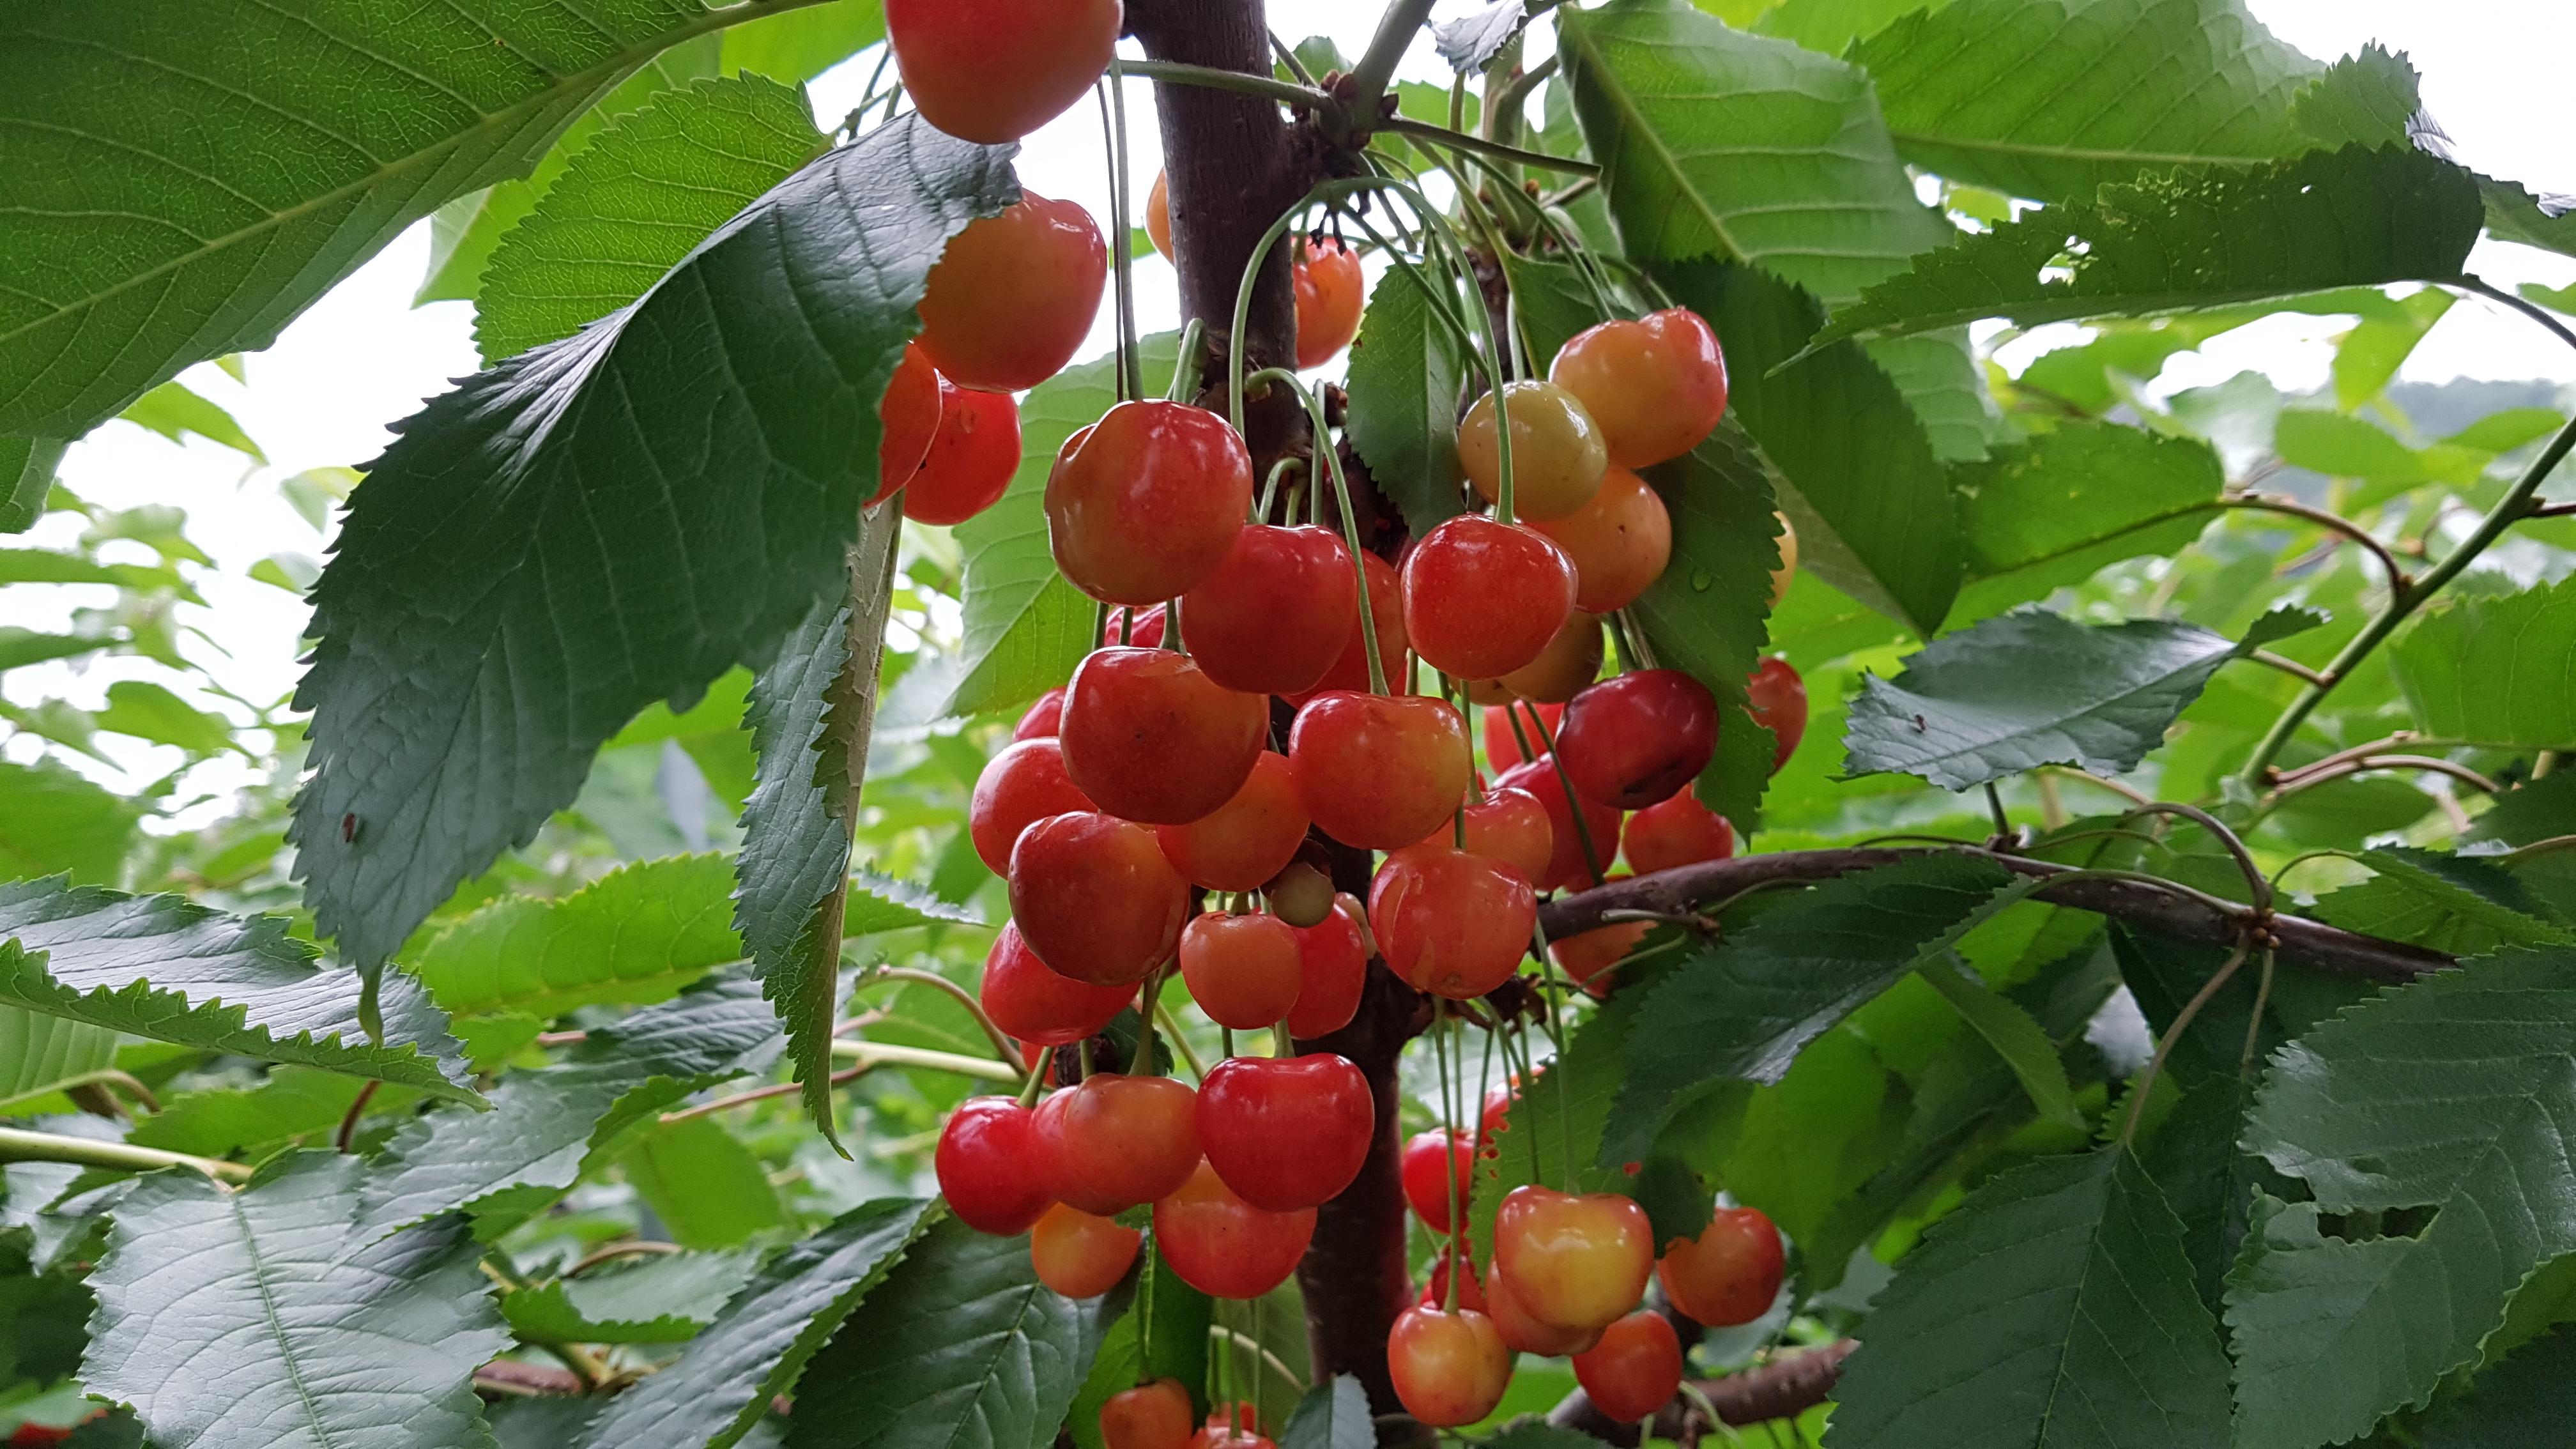 체리묘목(체리나무) 가을. 봄 식재분 7월 15일부터 상담합니다.